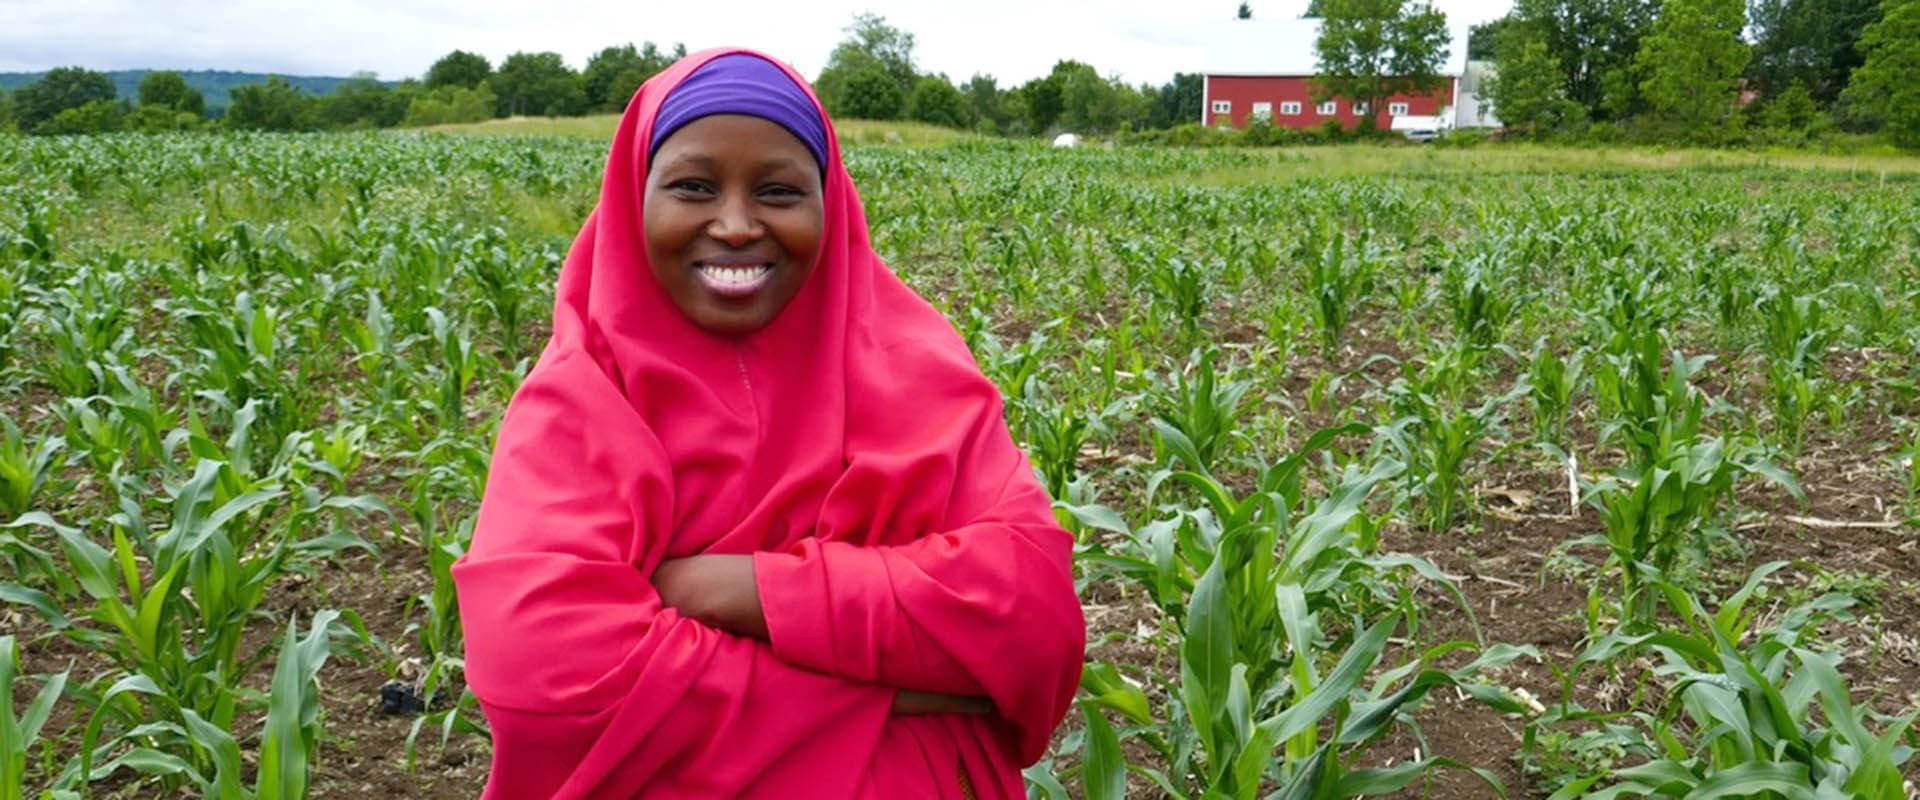 Somali Bantu woman in the field